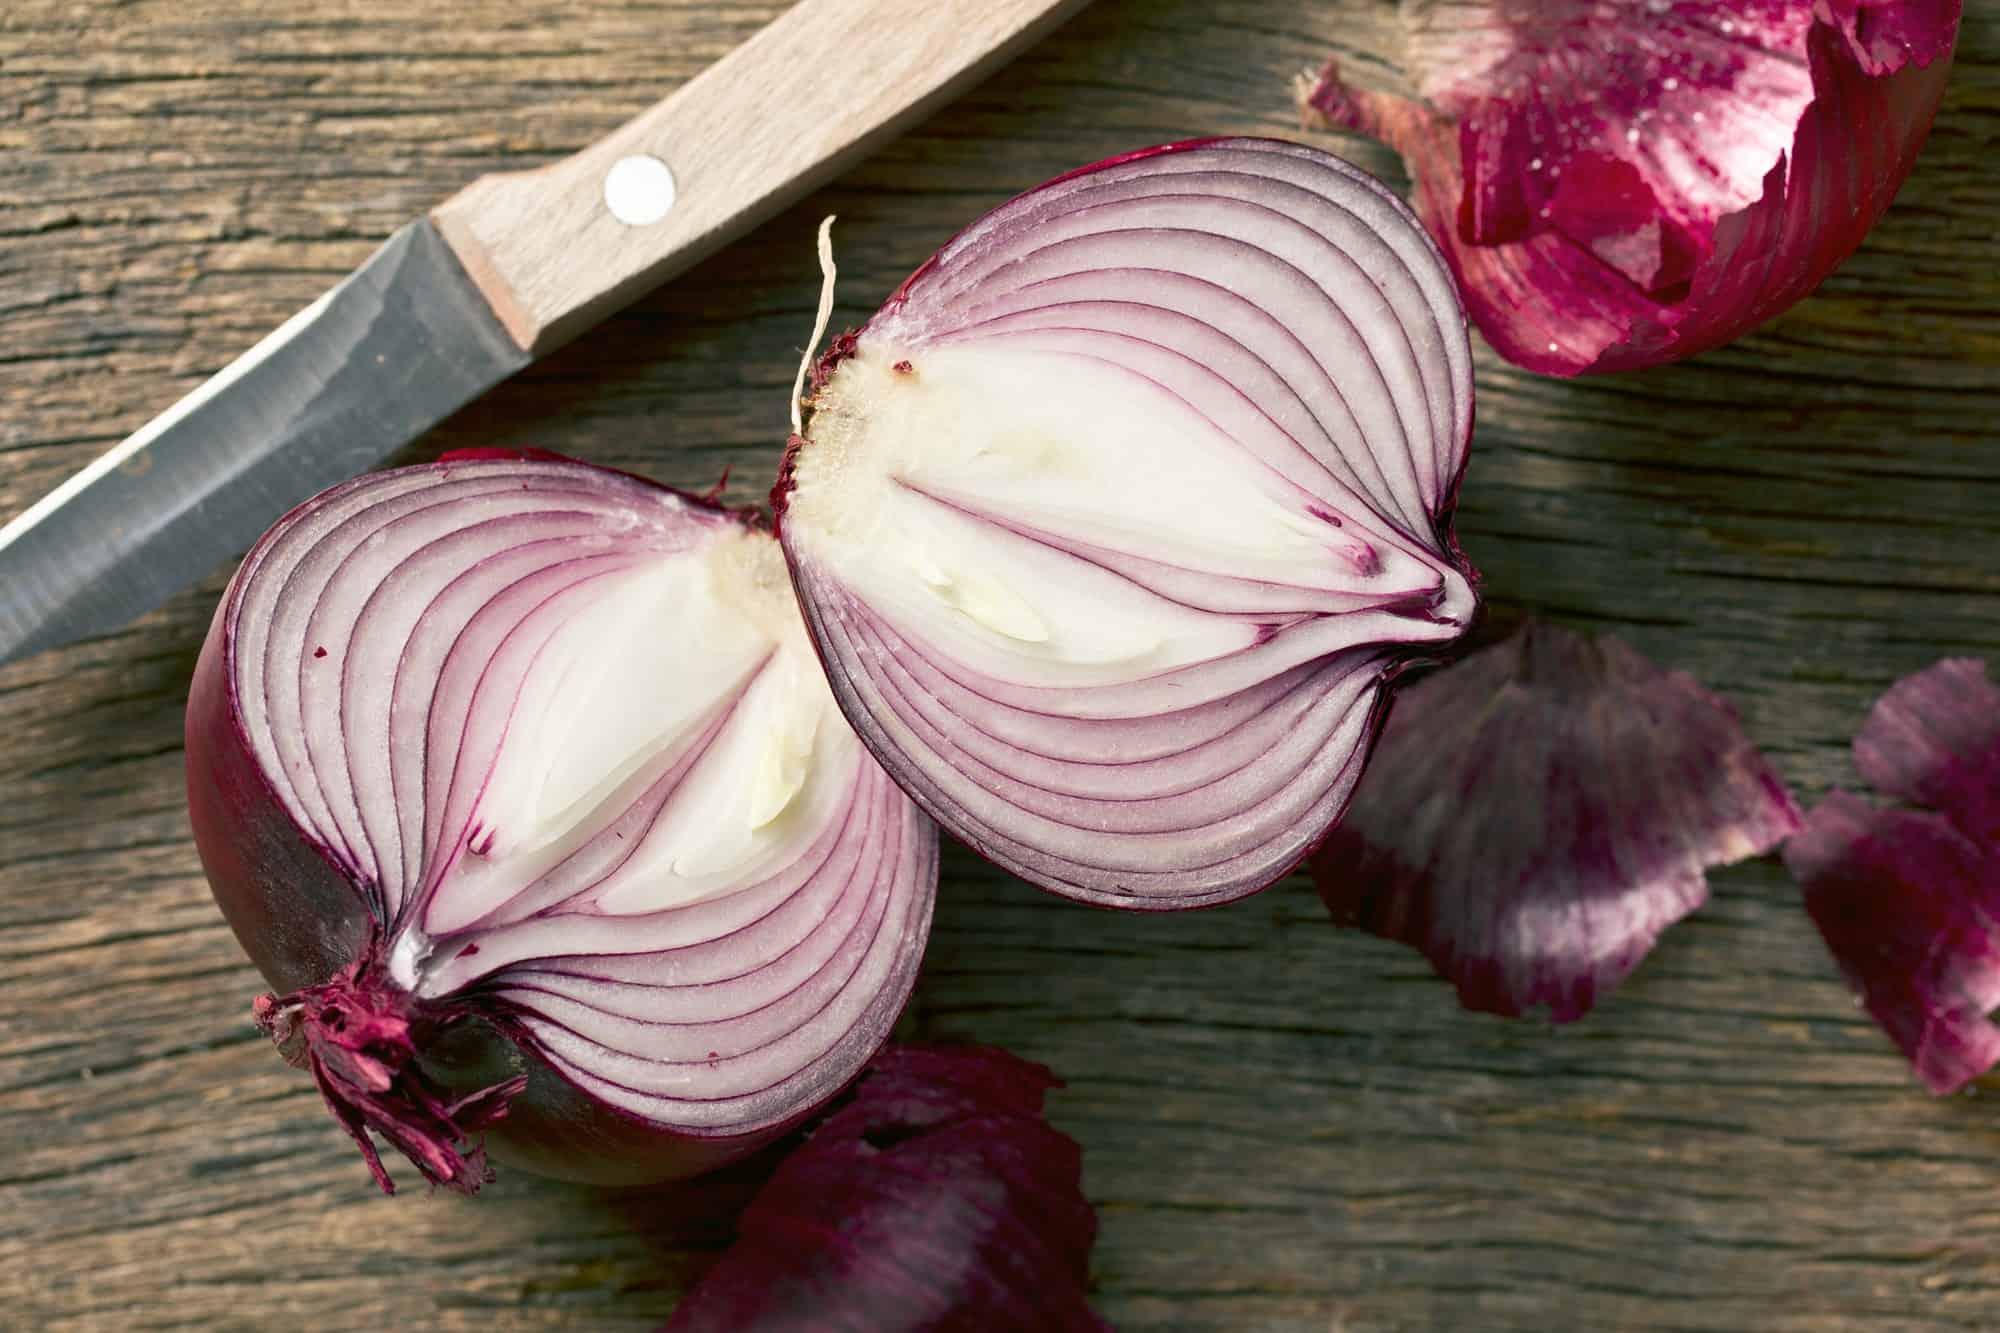 halved onion